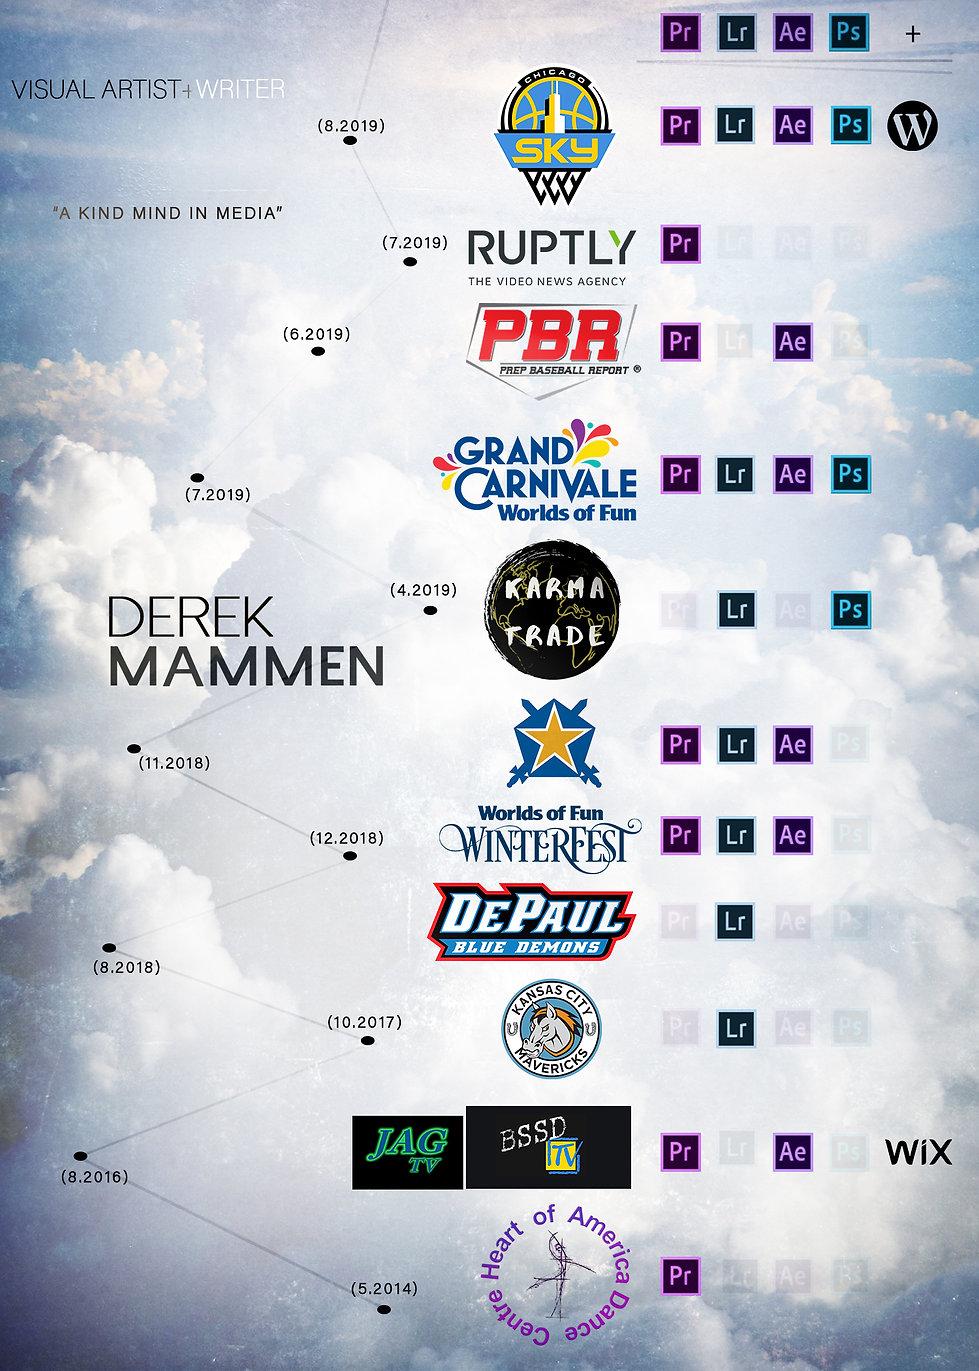 [FINAL CV] Derek Mammen - Visual Artist+